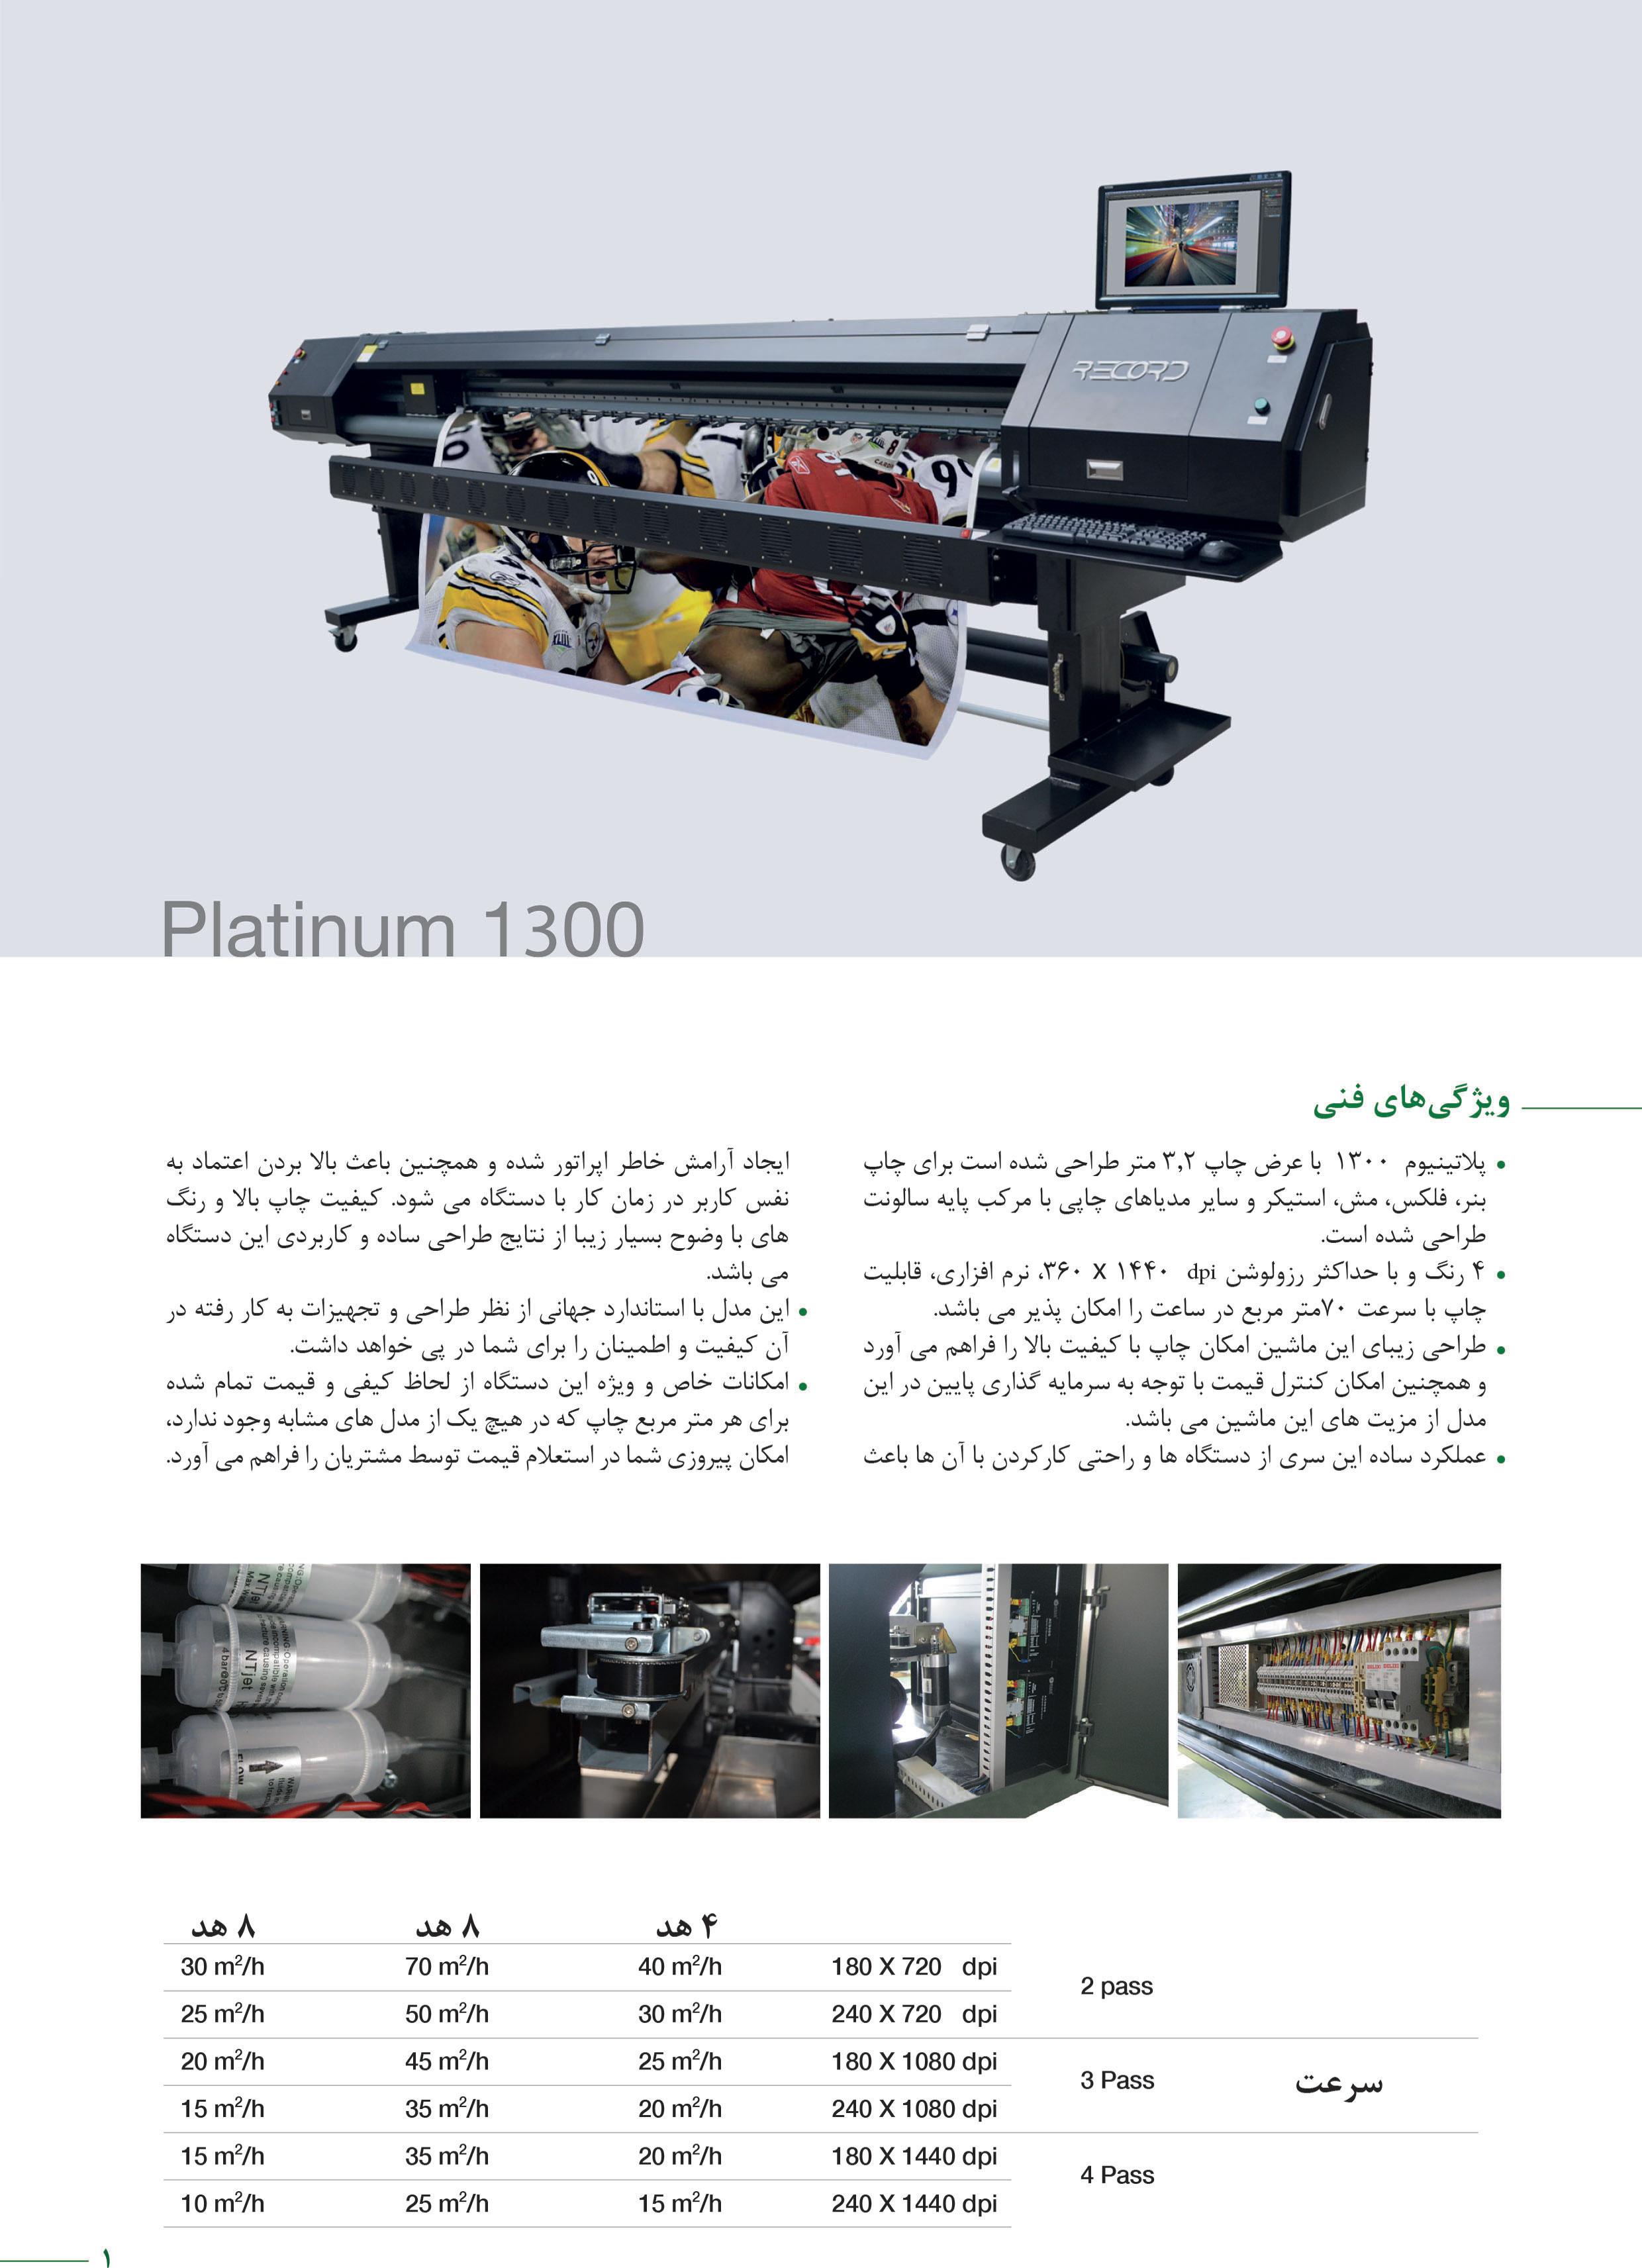 کاتالوگ دستگاه چاپ بنر PL1300